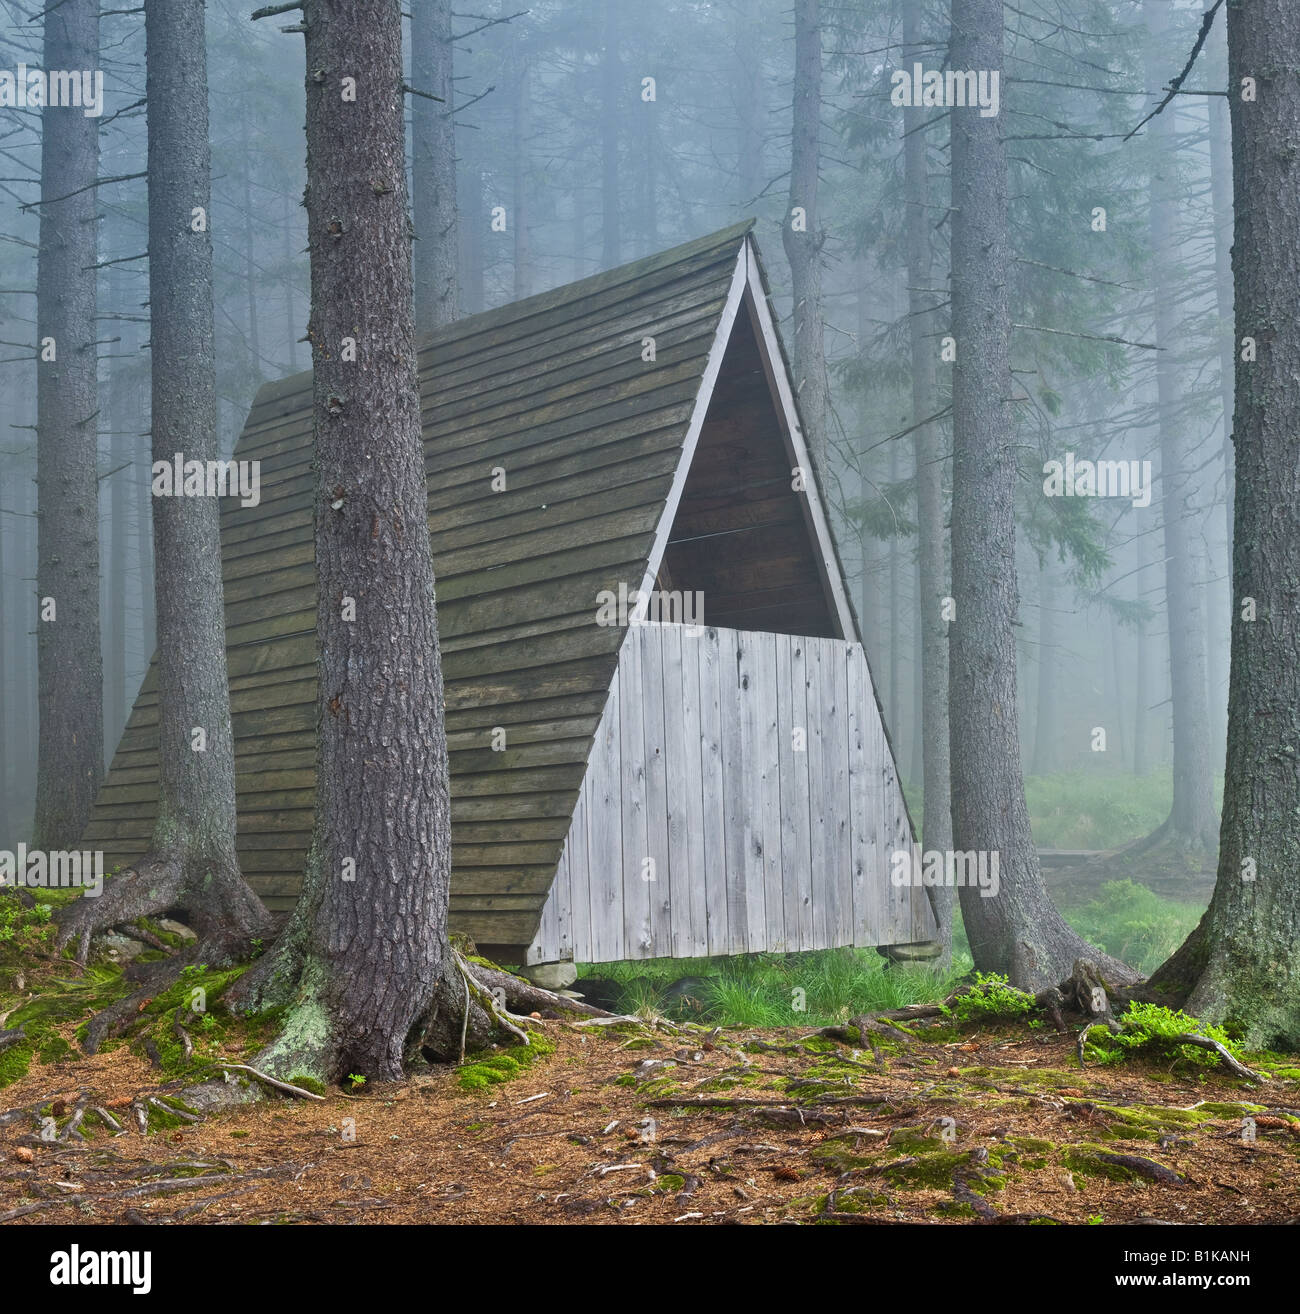 forest landscape - Stock Image